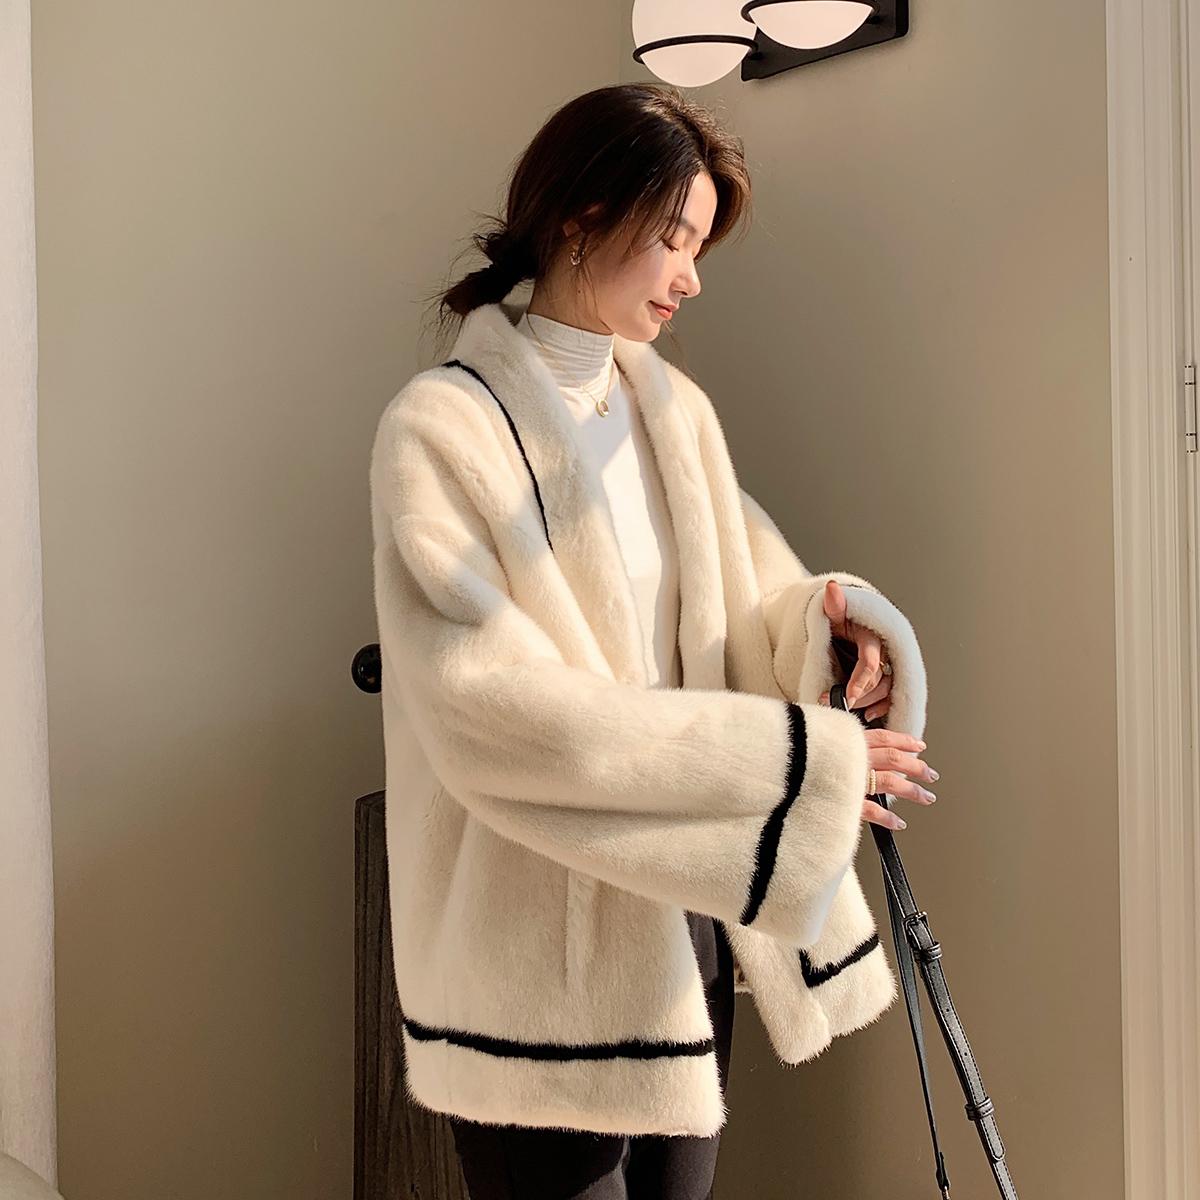 蔻述2020冬季新款进口天鹅绒皮草外套母貂貂皮大衣女整貂长款水貂